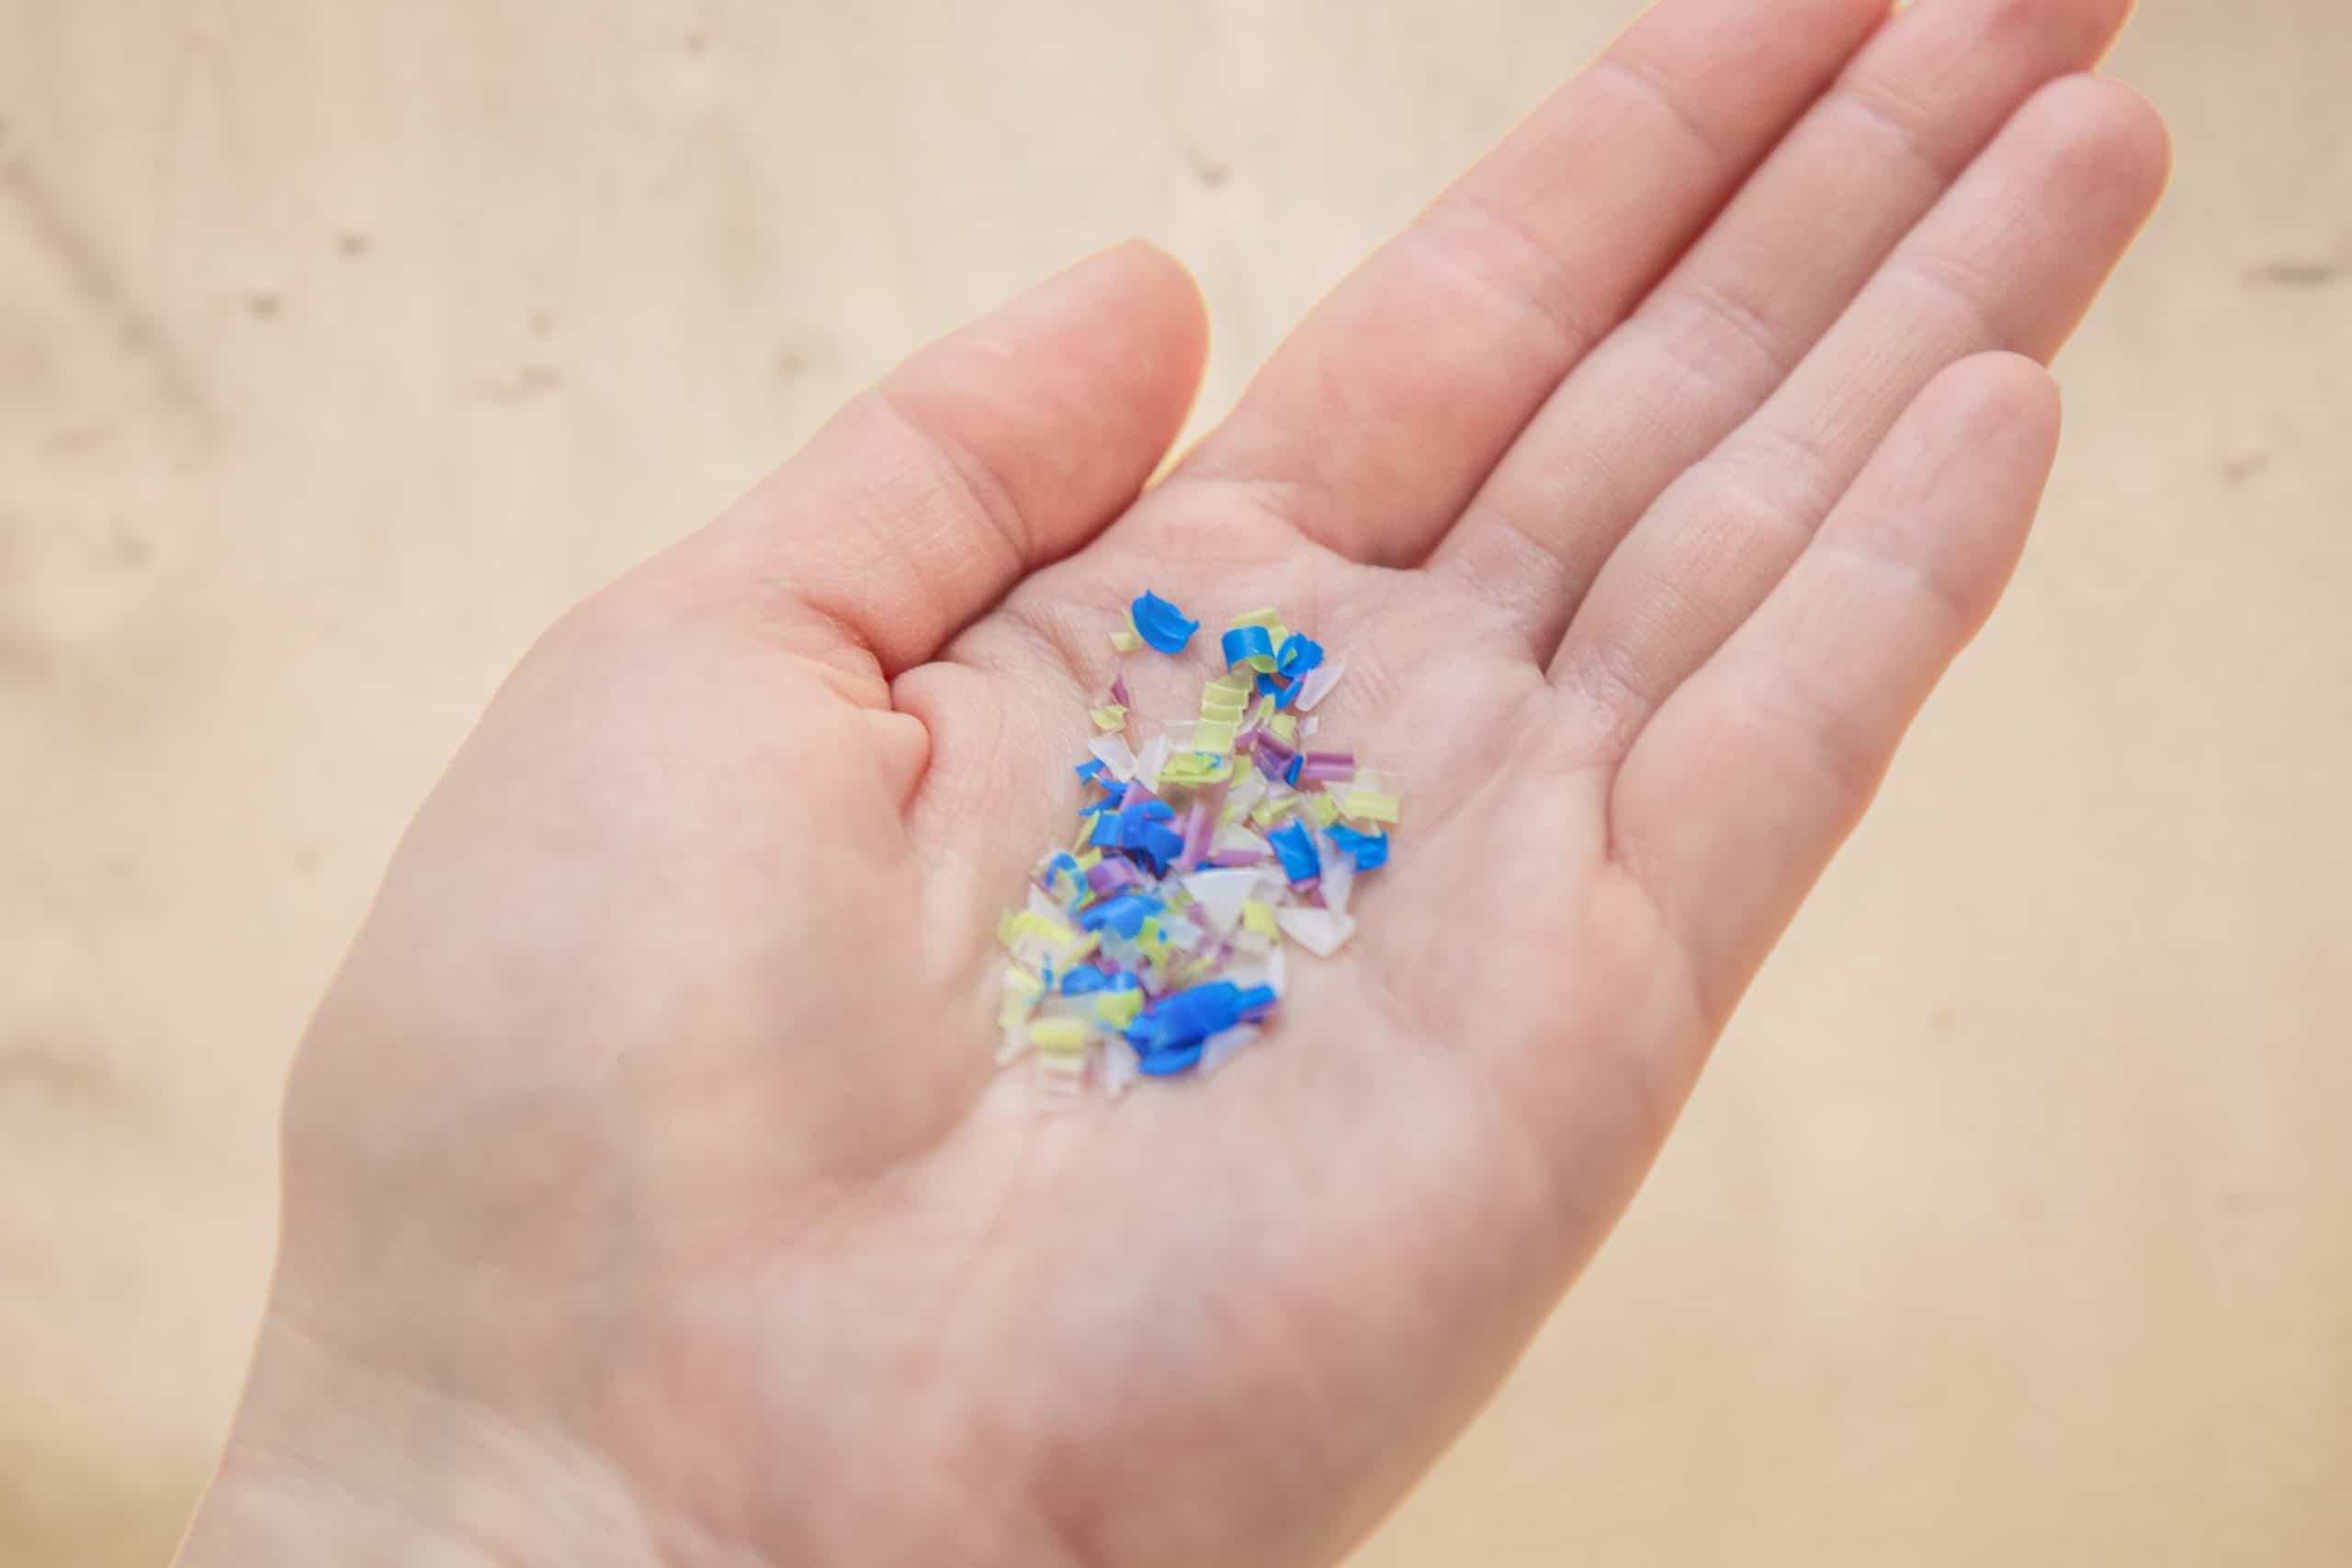 Mikroplastik in der Hand eines Mannes auf dem Strand.